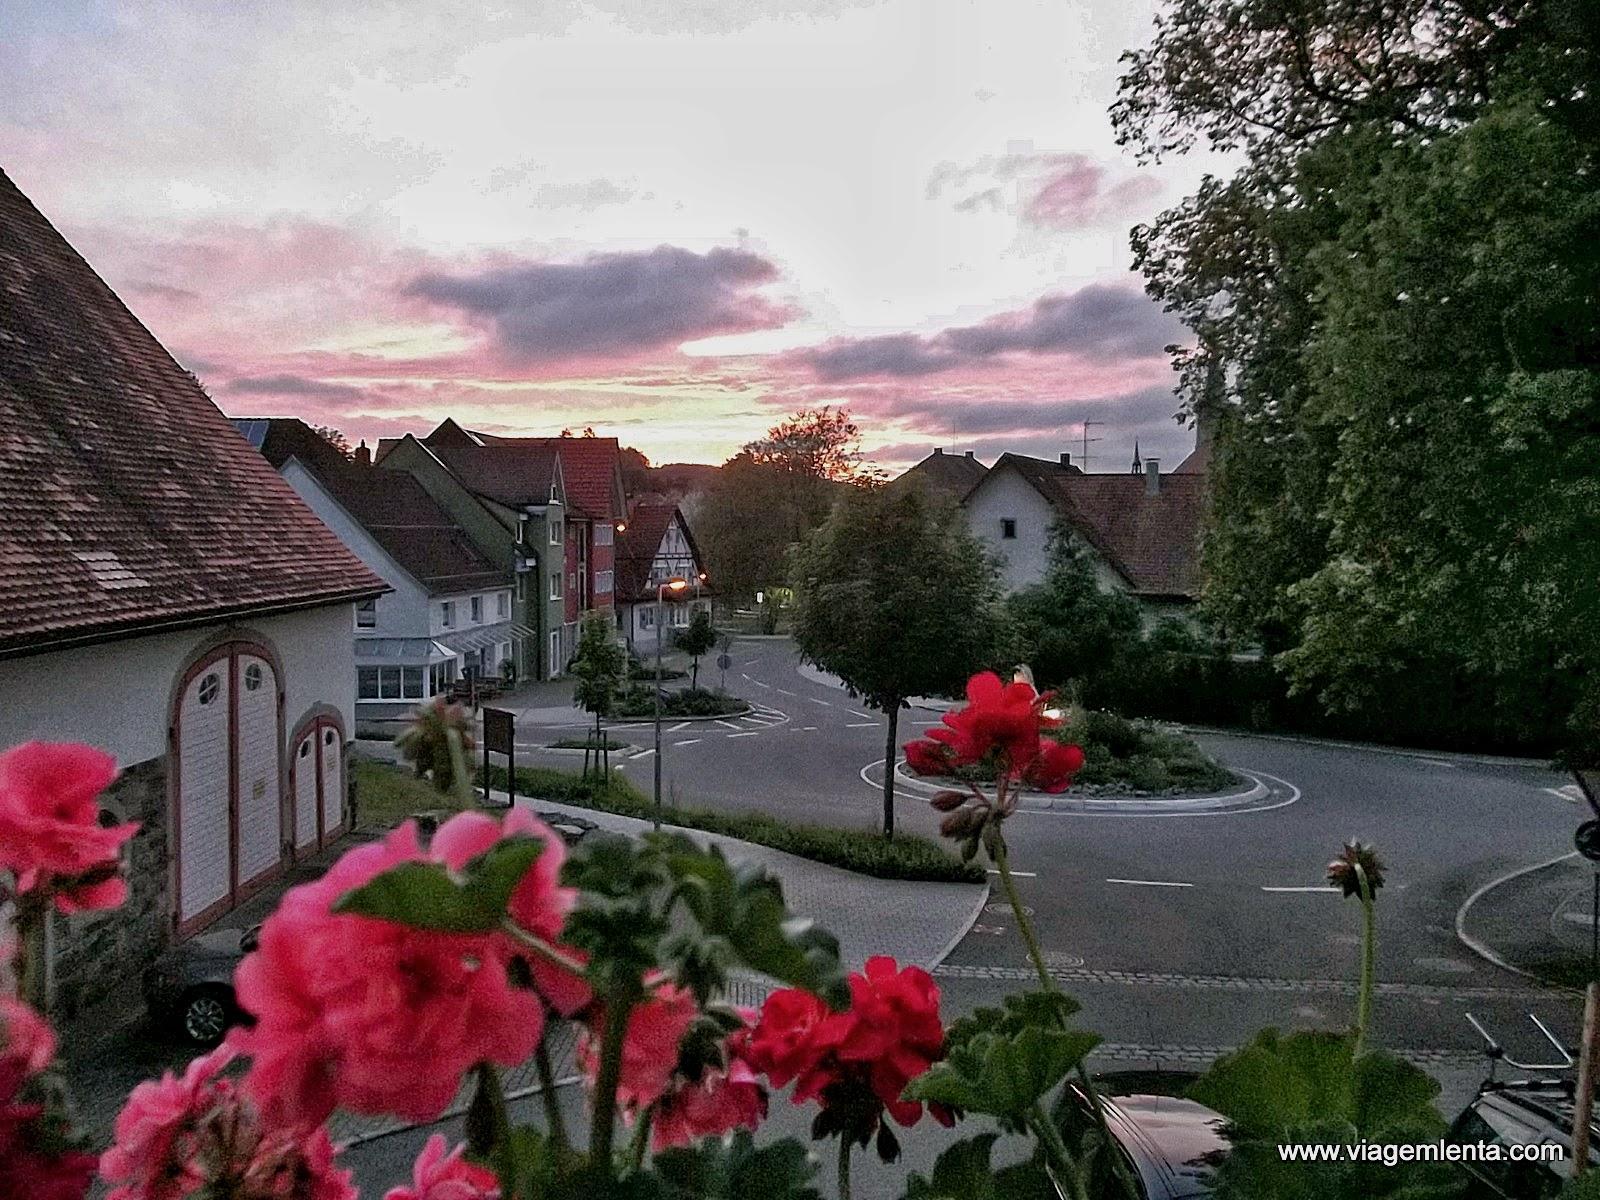 Relato de viagem do sul da Alemanha (Bräulingen, Freiburg e Nuremberg), uma região de qualidade de vida impensável aos padrões que nos acostumamos a aceitar.